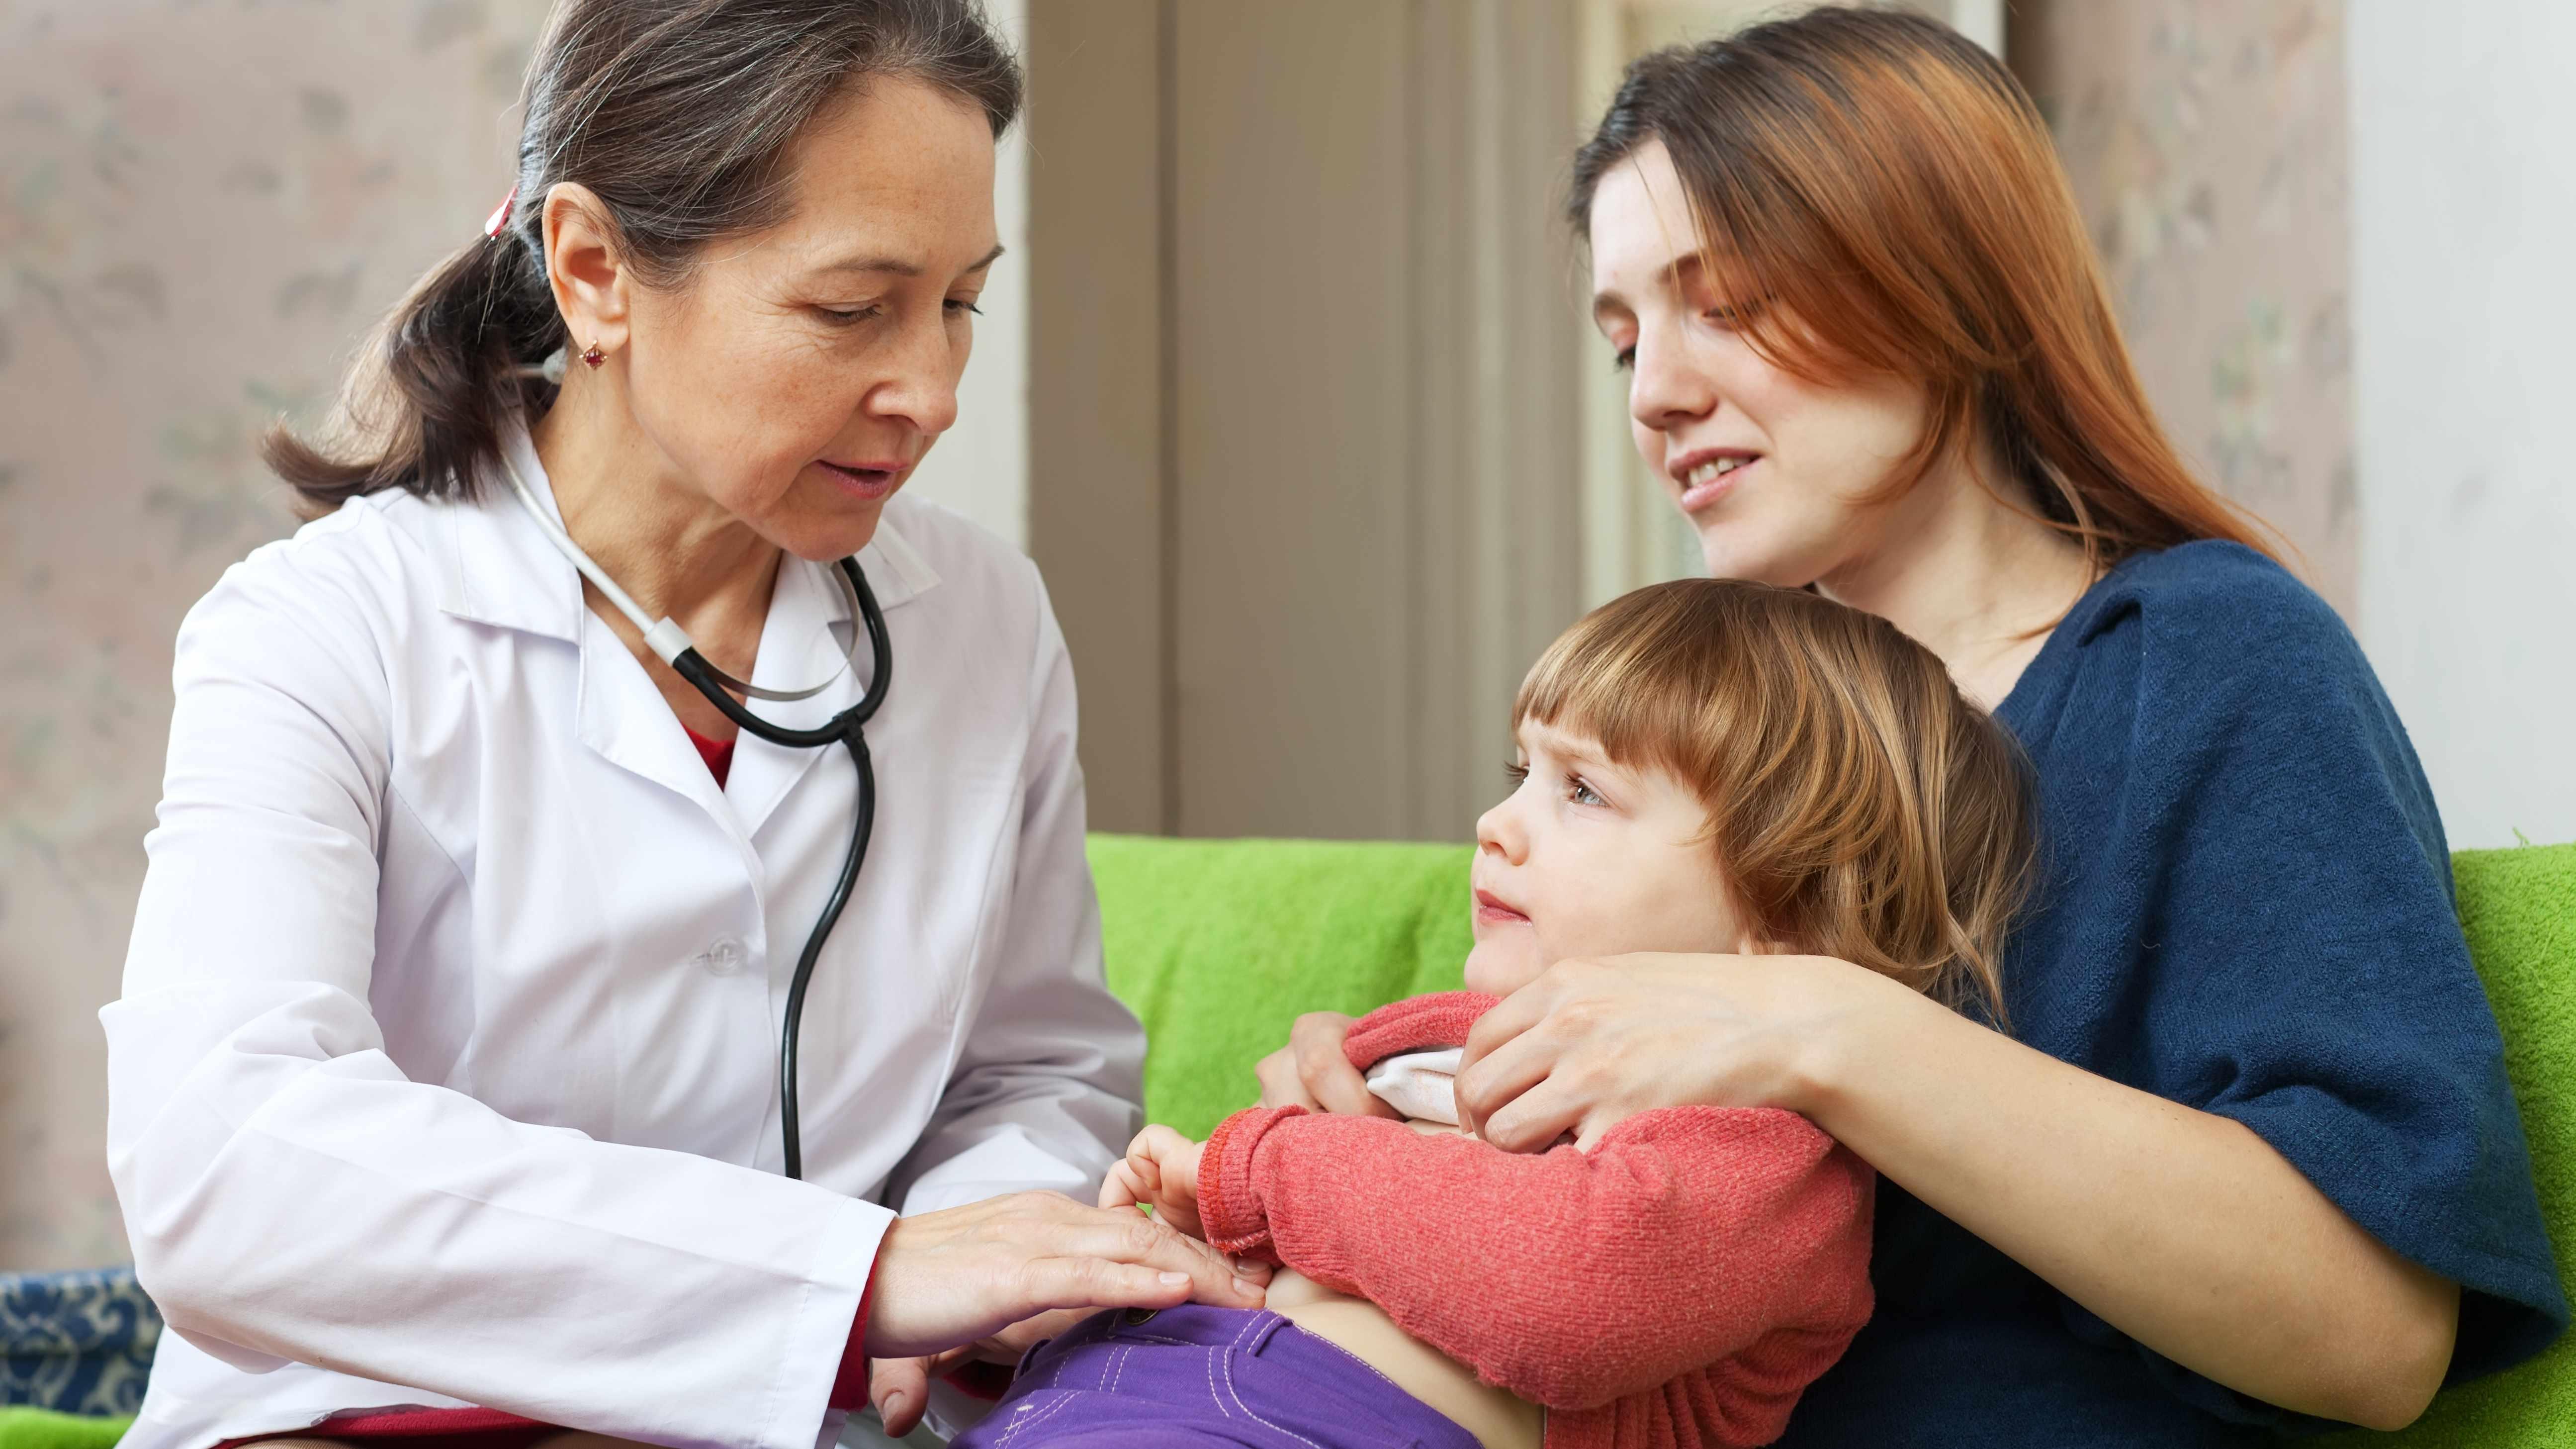 Une médica examina a un niño pequeño que está sentado en el regazo de su madre y le presiona el abdomen.